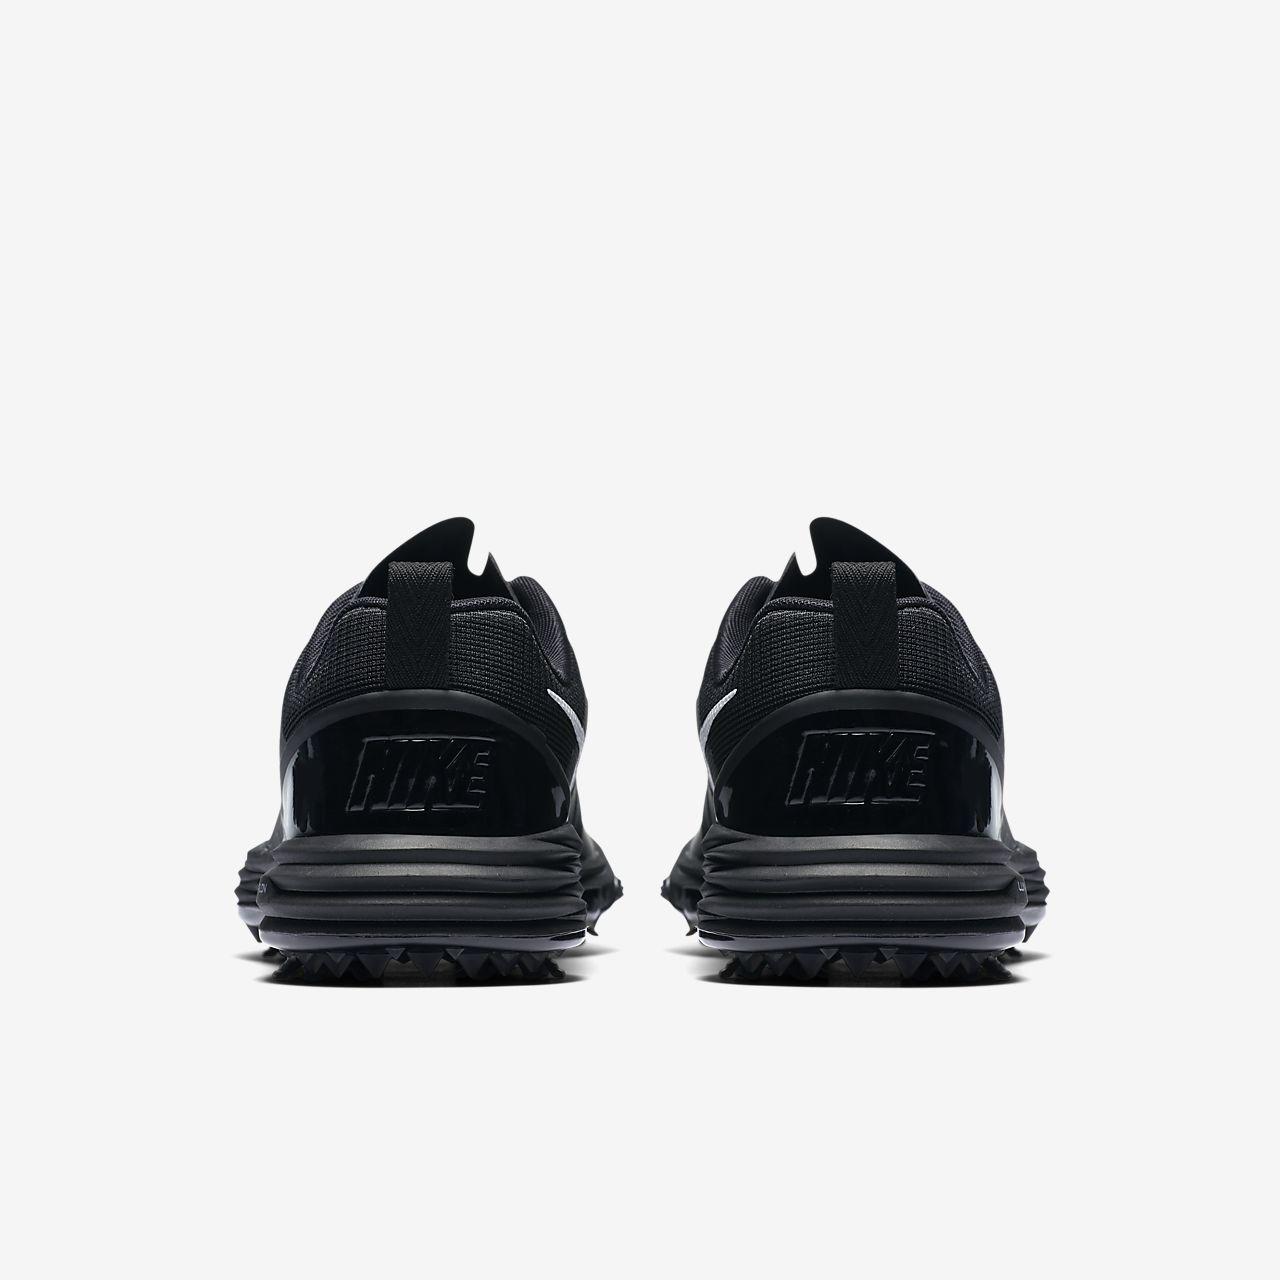 san francisco d8908 7254d Chaussure de golf Nike Lunar Command 2 pour Femme. Nike.com FR